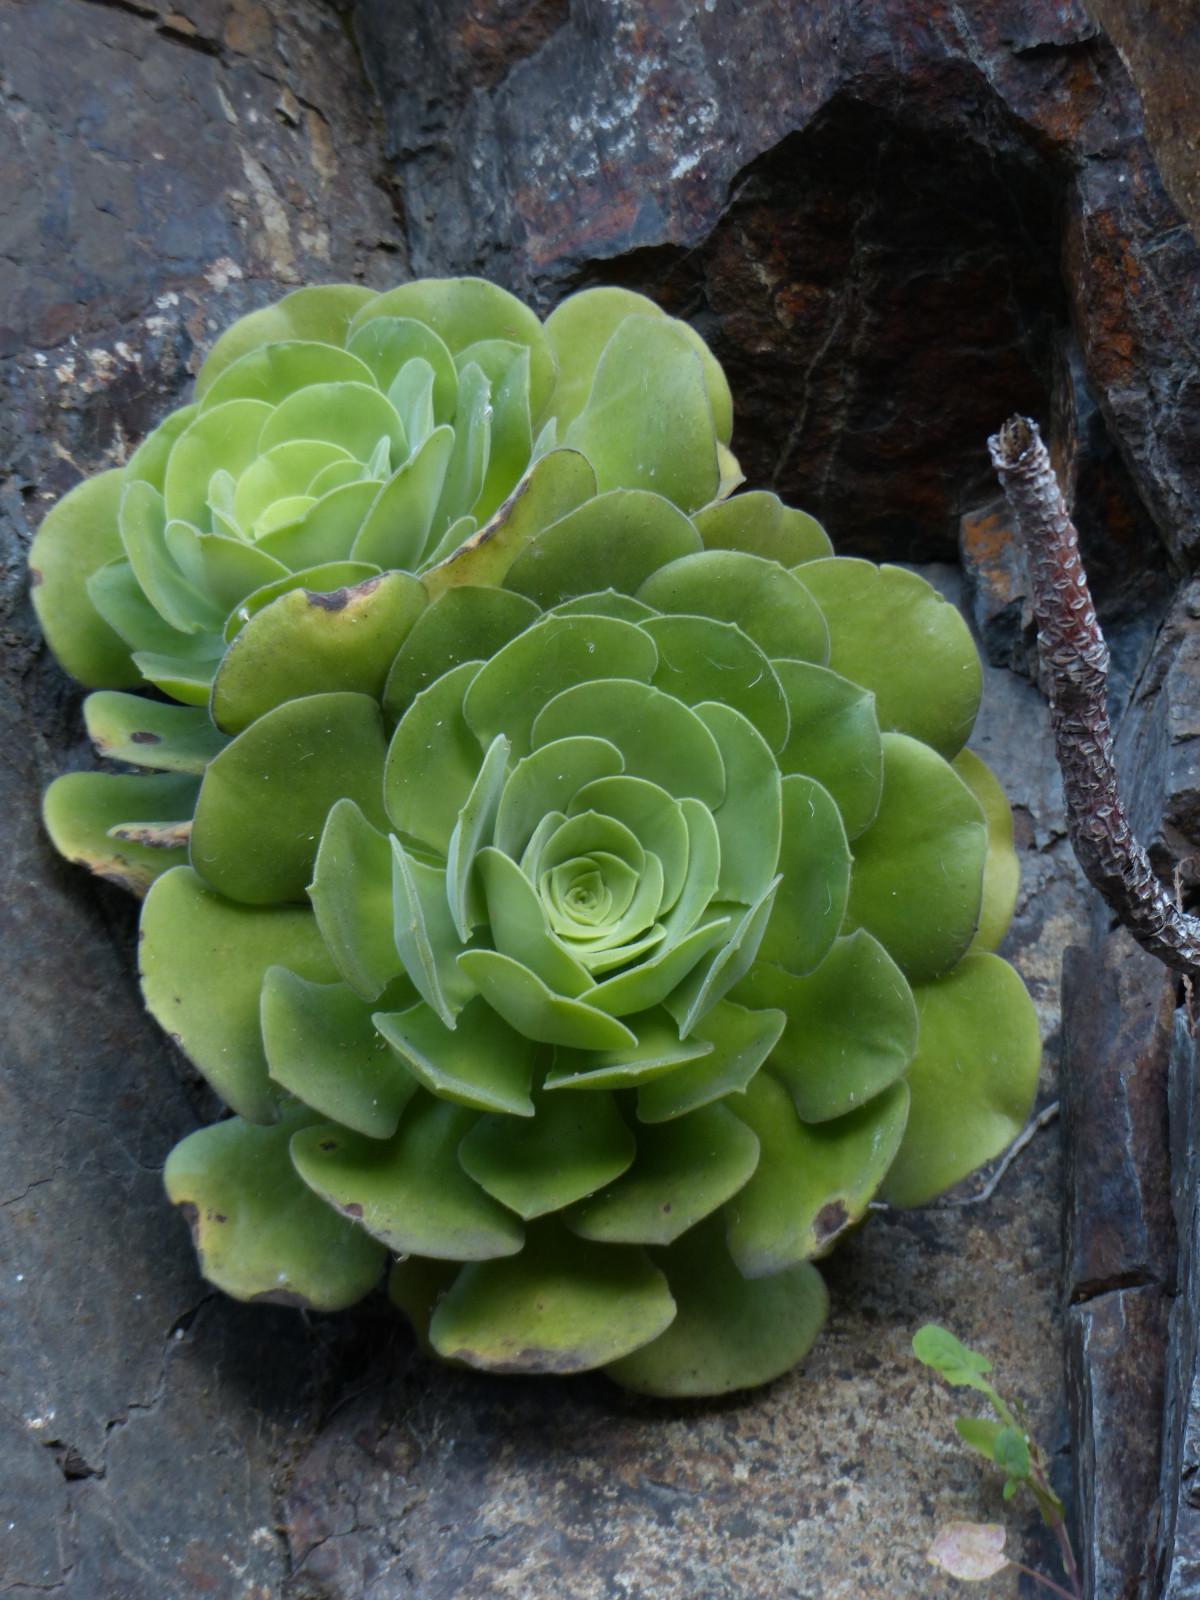 fotos gratis   flor  verde  produce  bot u00e1nica  suculento